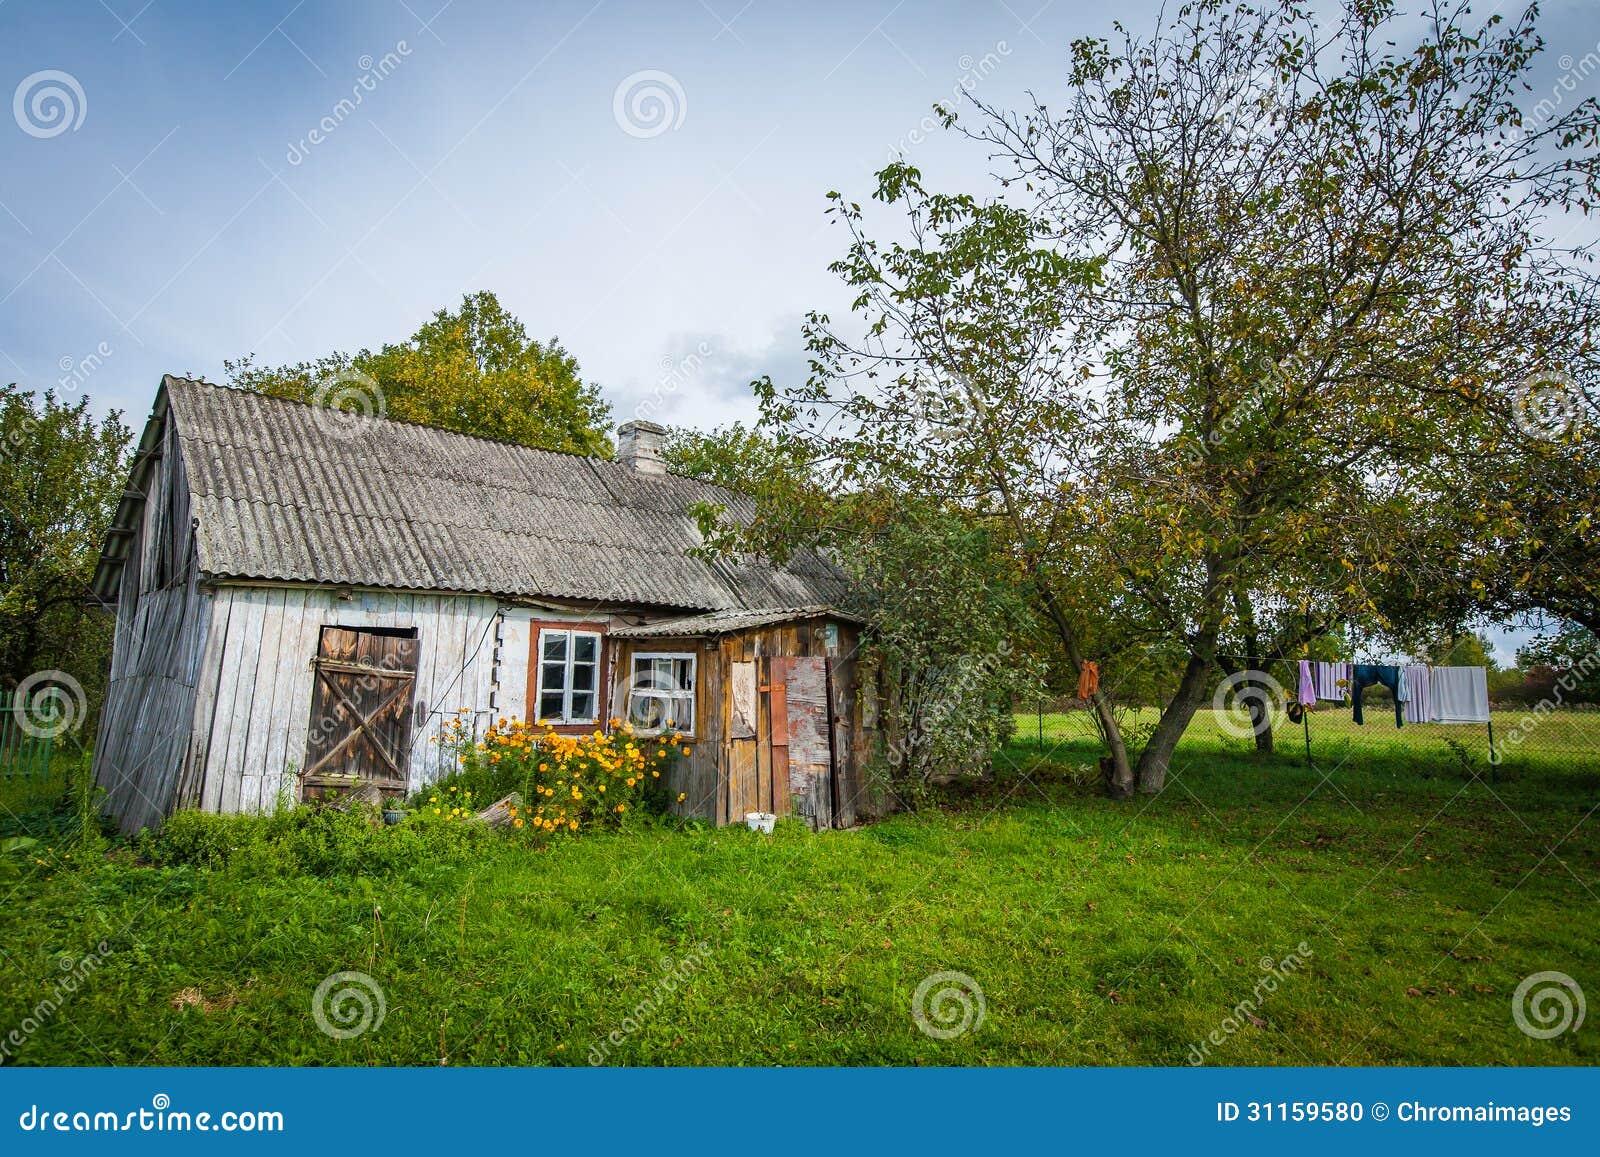 Old garden house - Europe Garden House Old